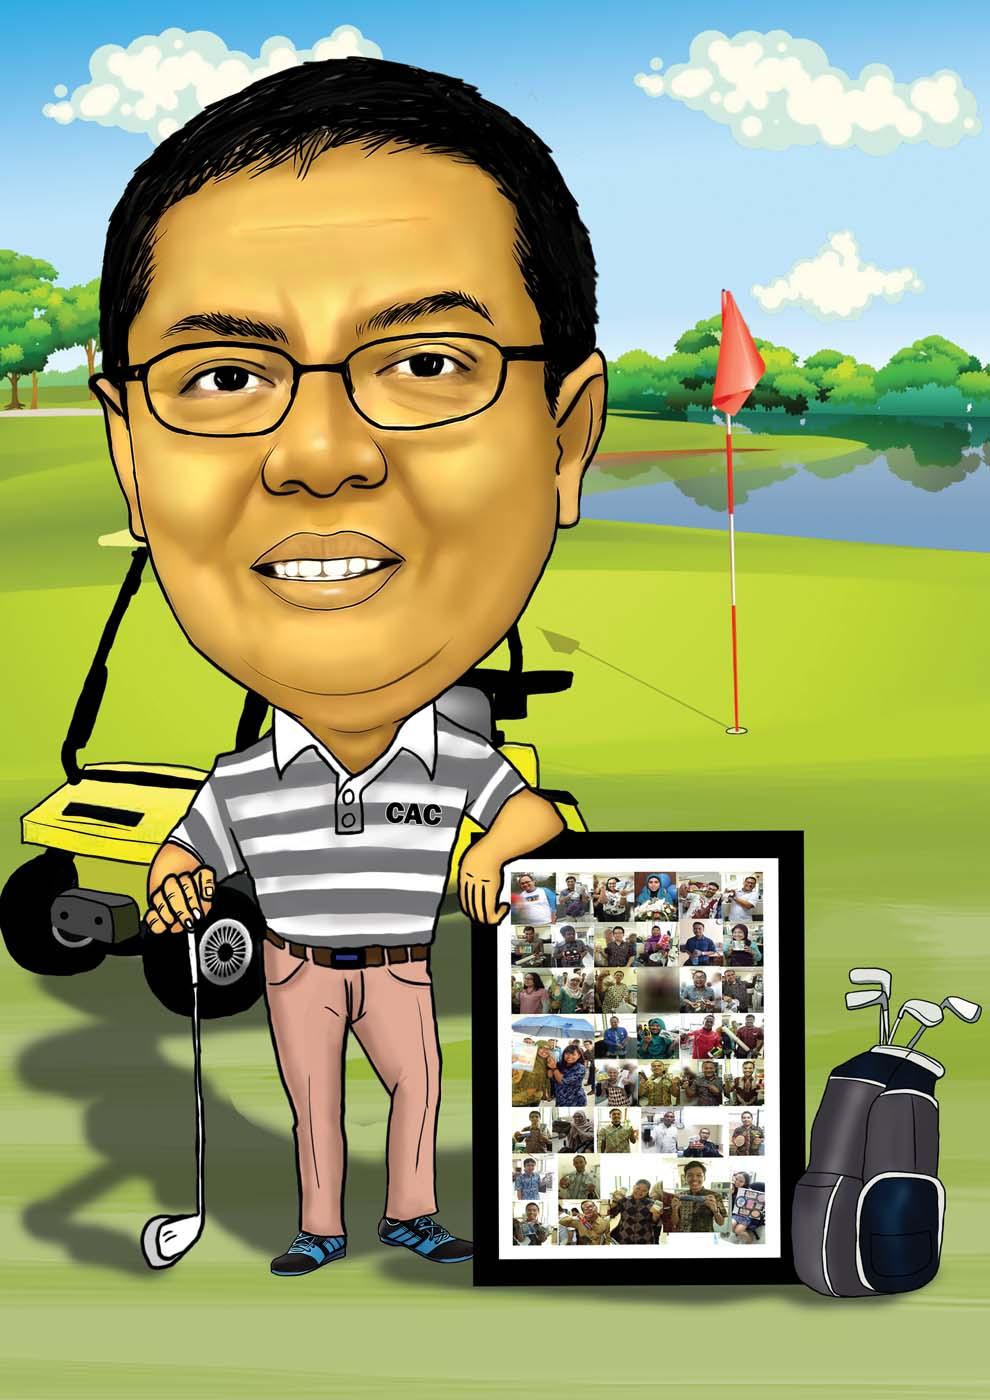 Jasa Karikatur Wajah Karikatur Digital Dan Manual 2018